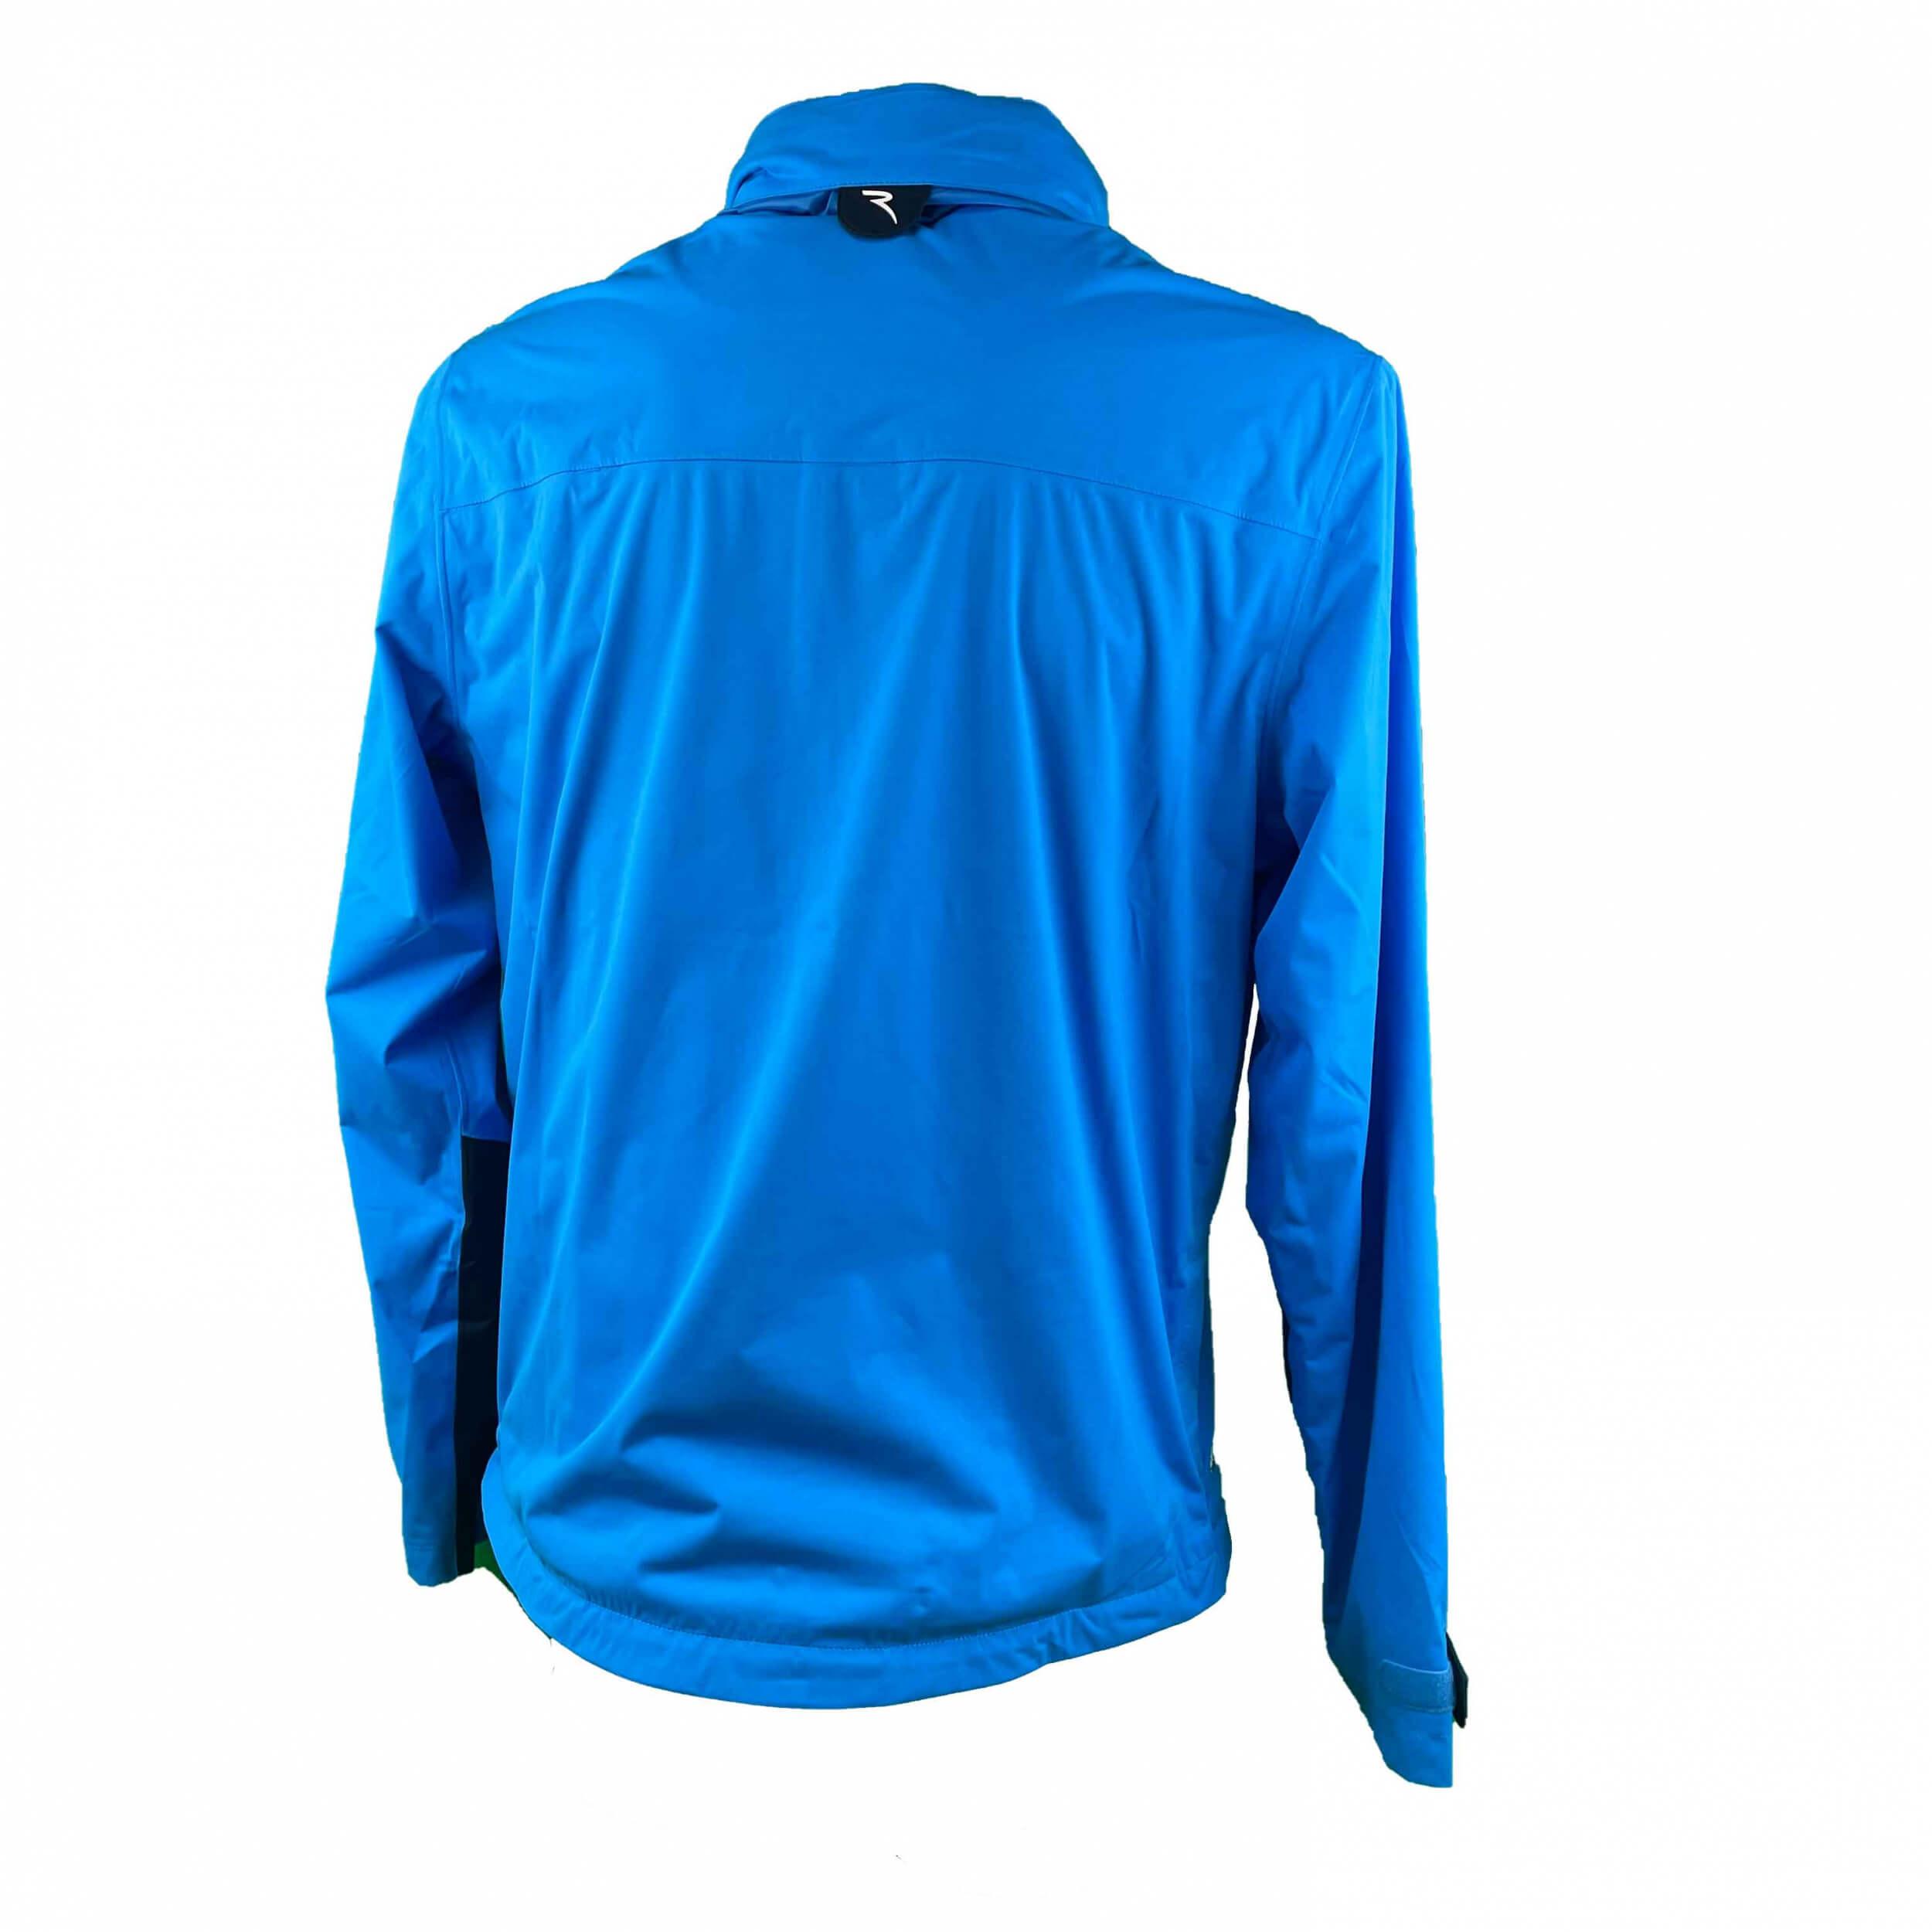 Chervo Herren Regenjacke Madeira AQUA BLOCK blau 573